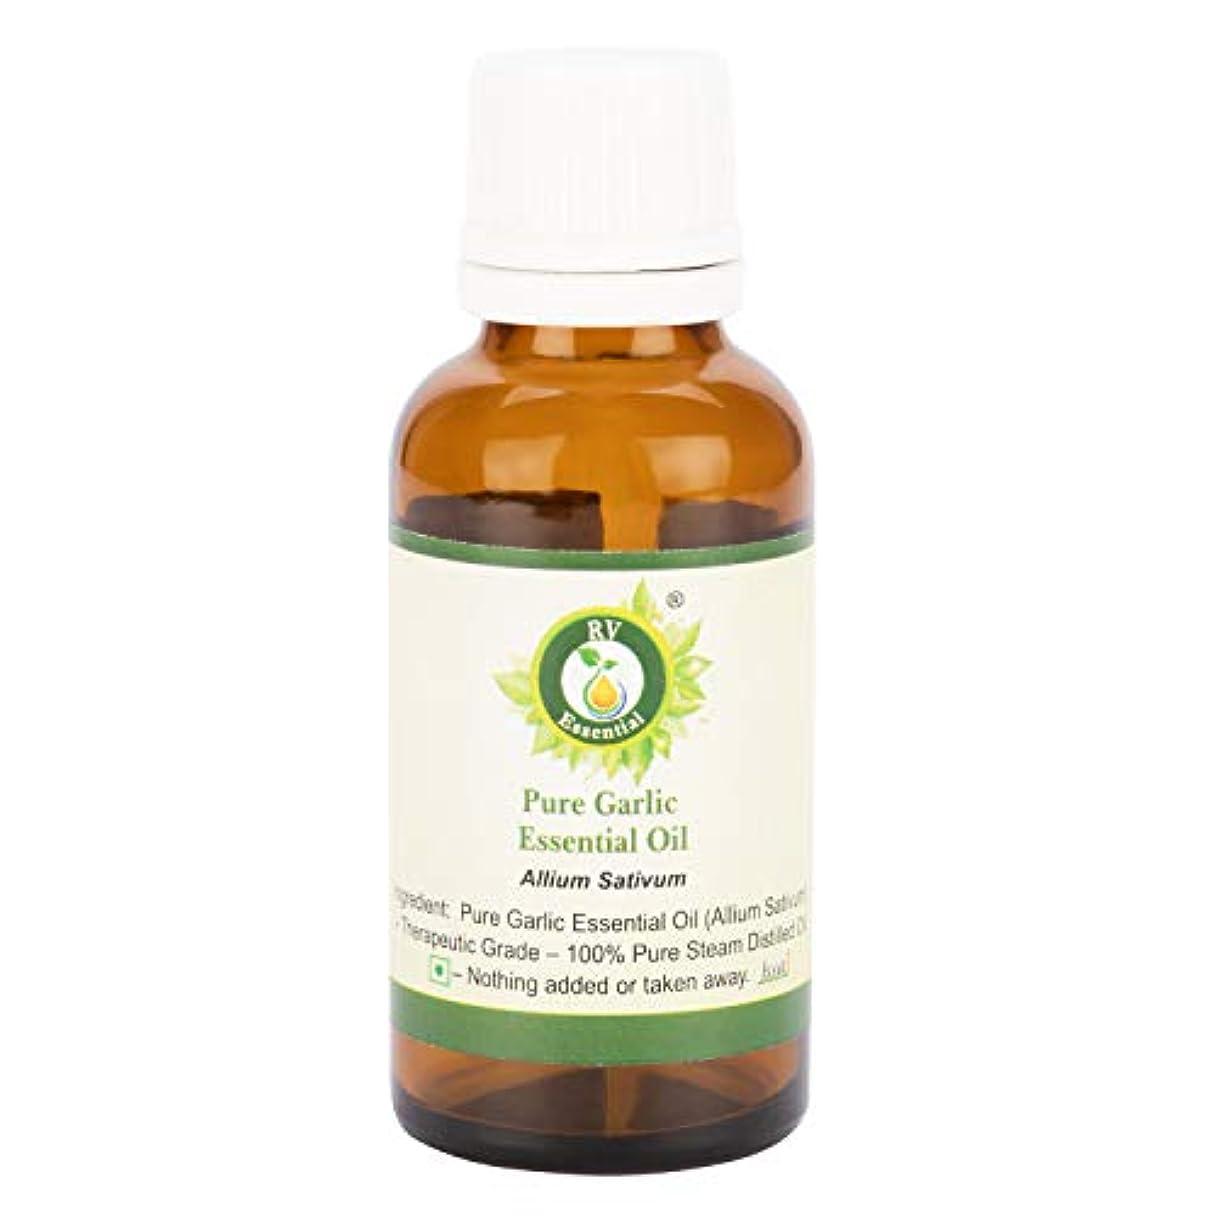 表向き政策シリングピュアニンニクエッセンシャルオイル100ml (3.38oz)- Allium Sativum (100%純粋&天然スチームDistilled) Pure Garlic Essential Oil